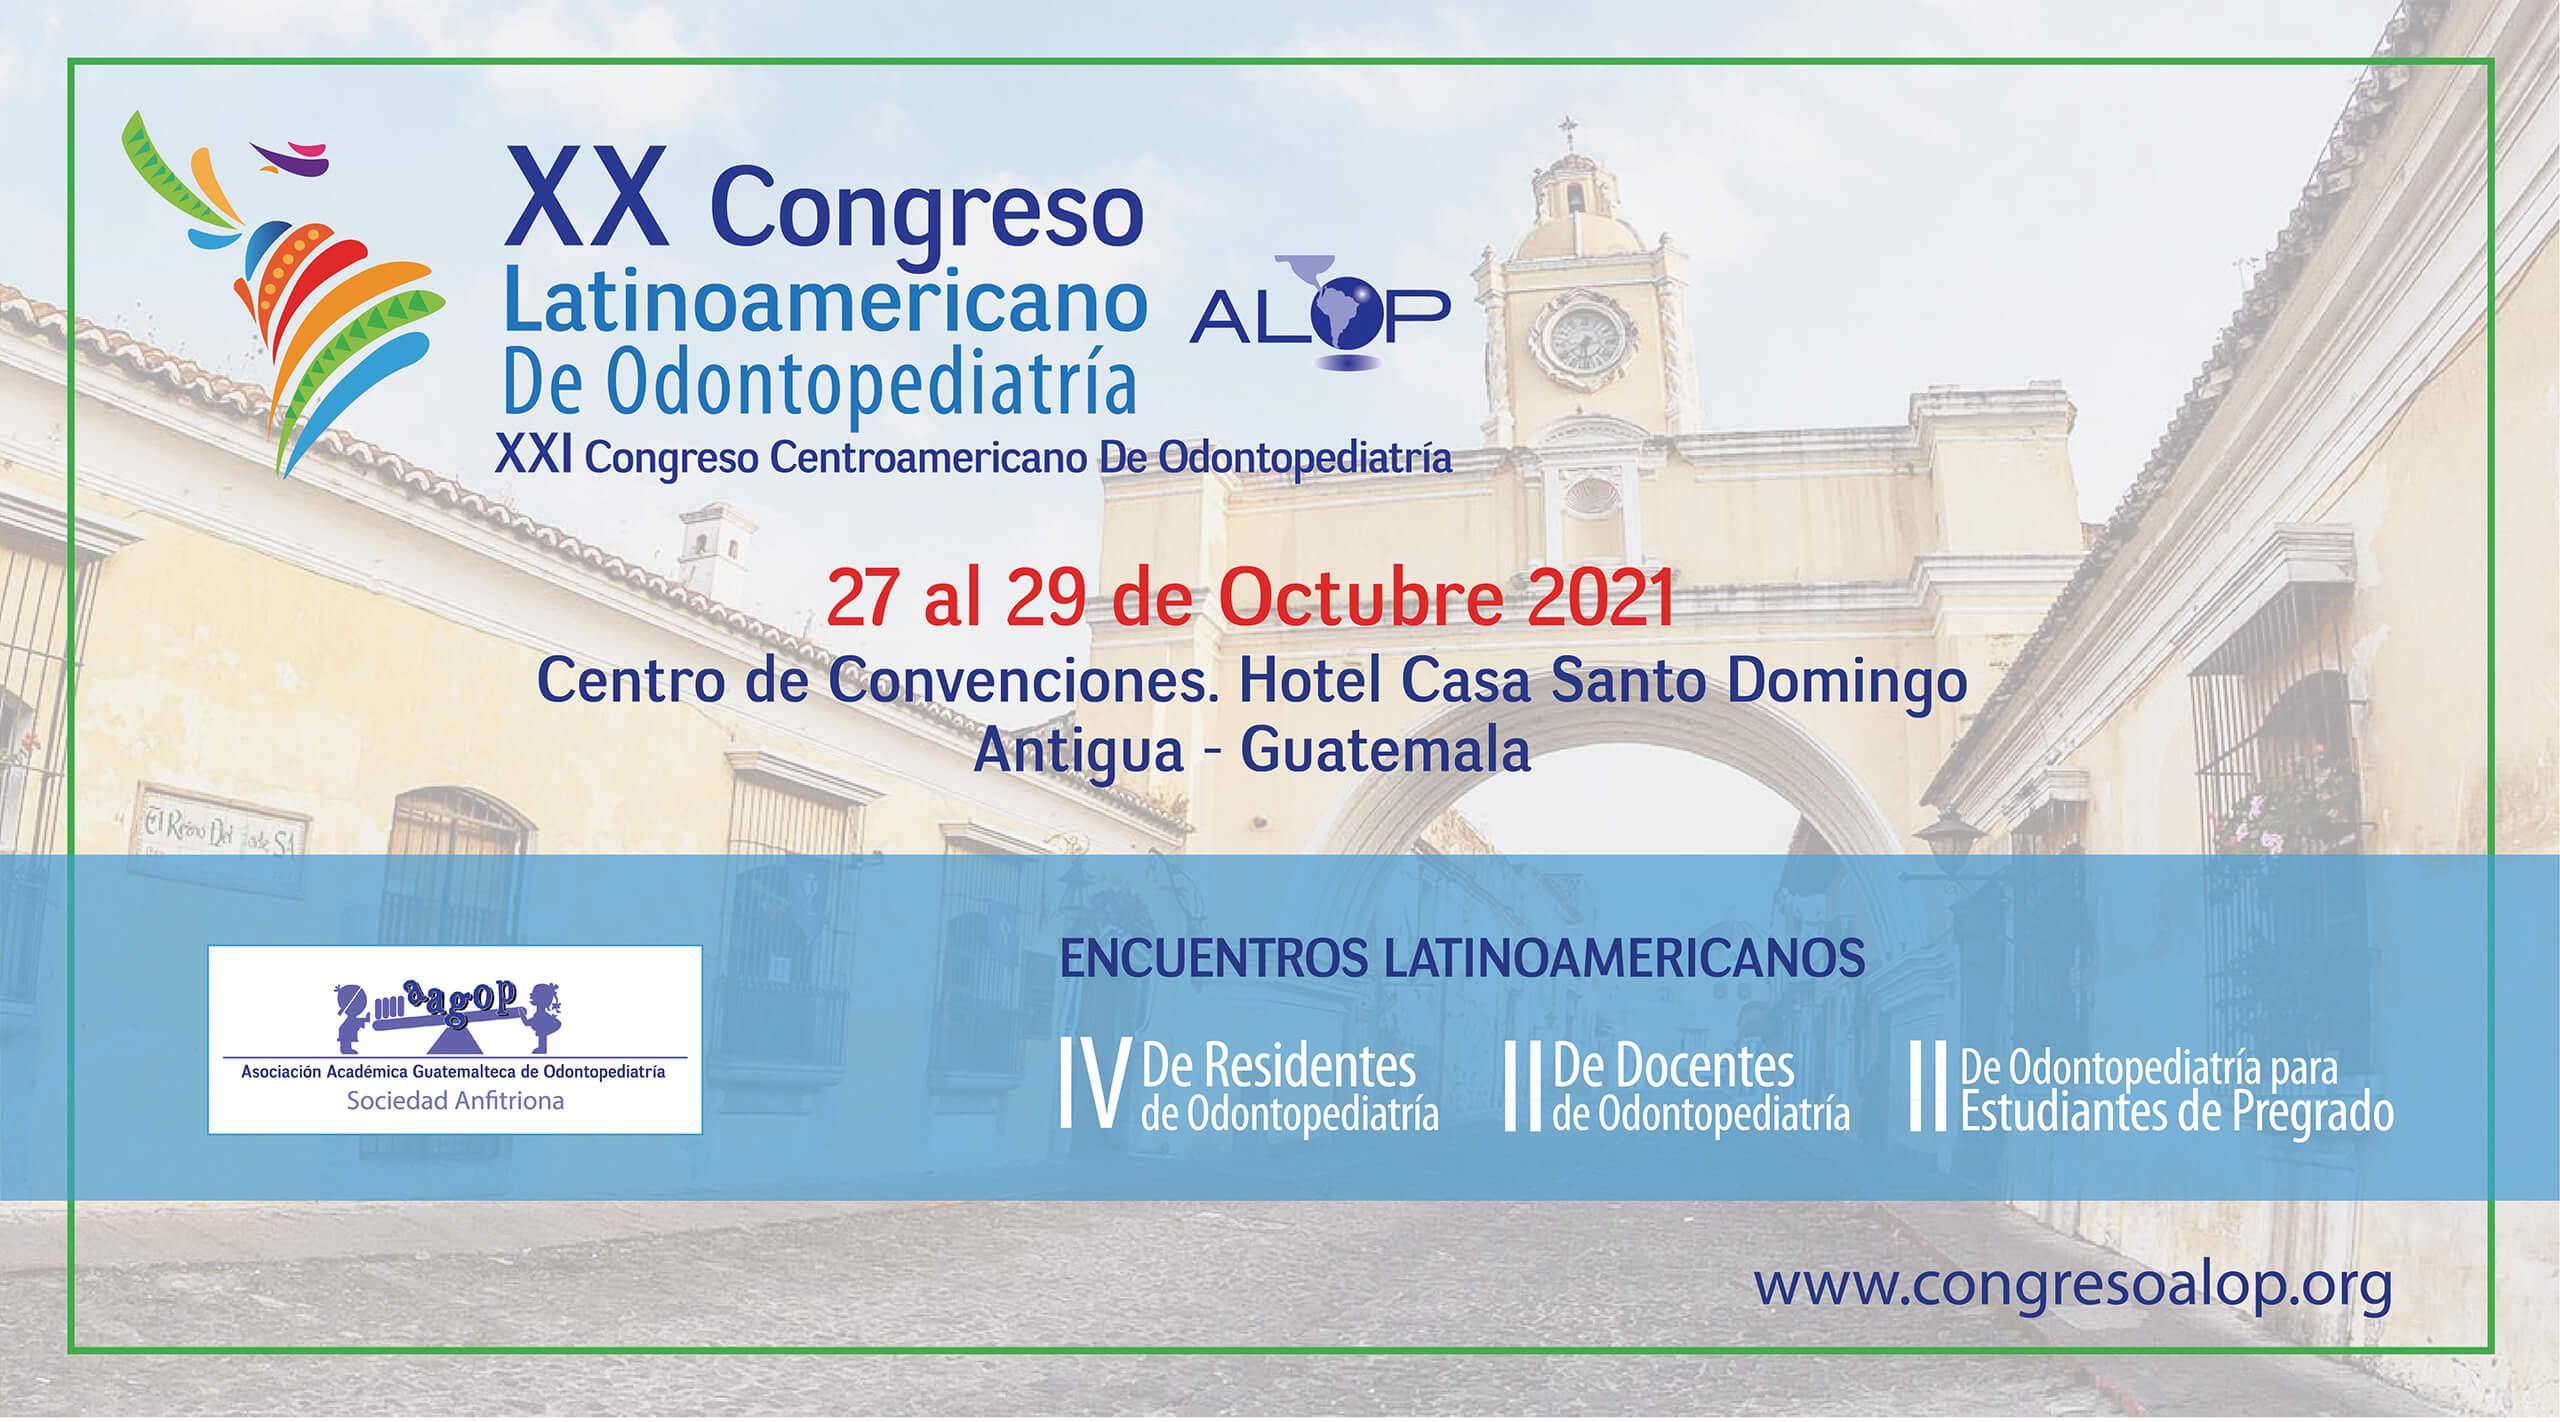 XX Congreso Latinoamericano e Odontopediatría